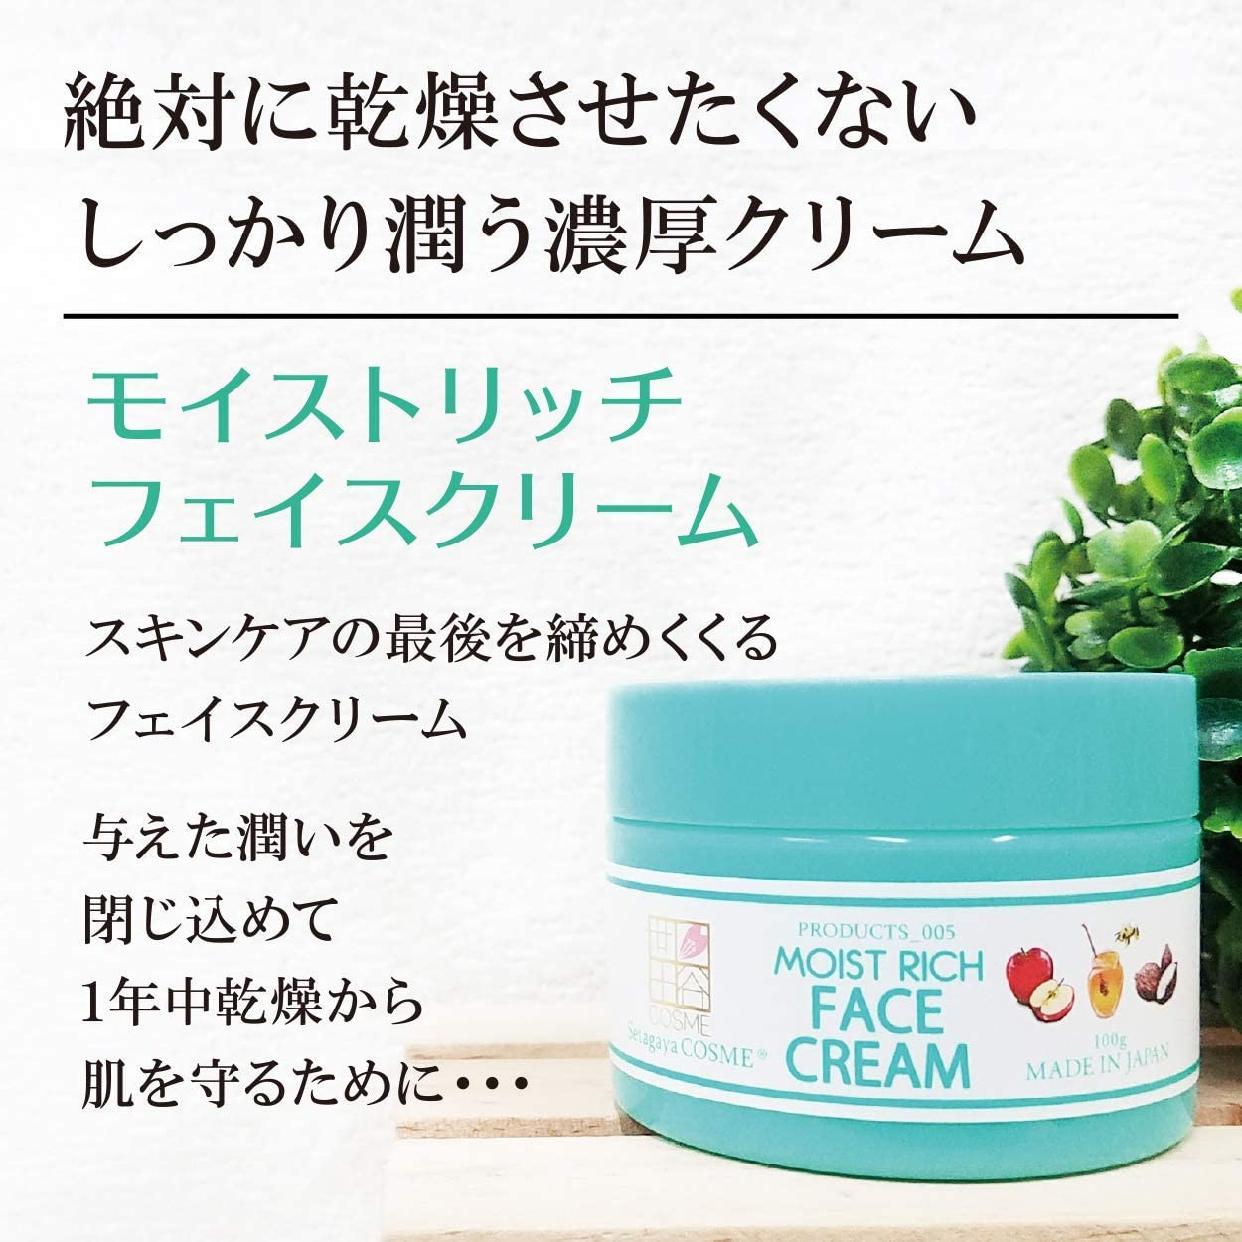 世田谷コスメ(Setagaya COSME) モイストリッチフェイスクリームの商品画像2